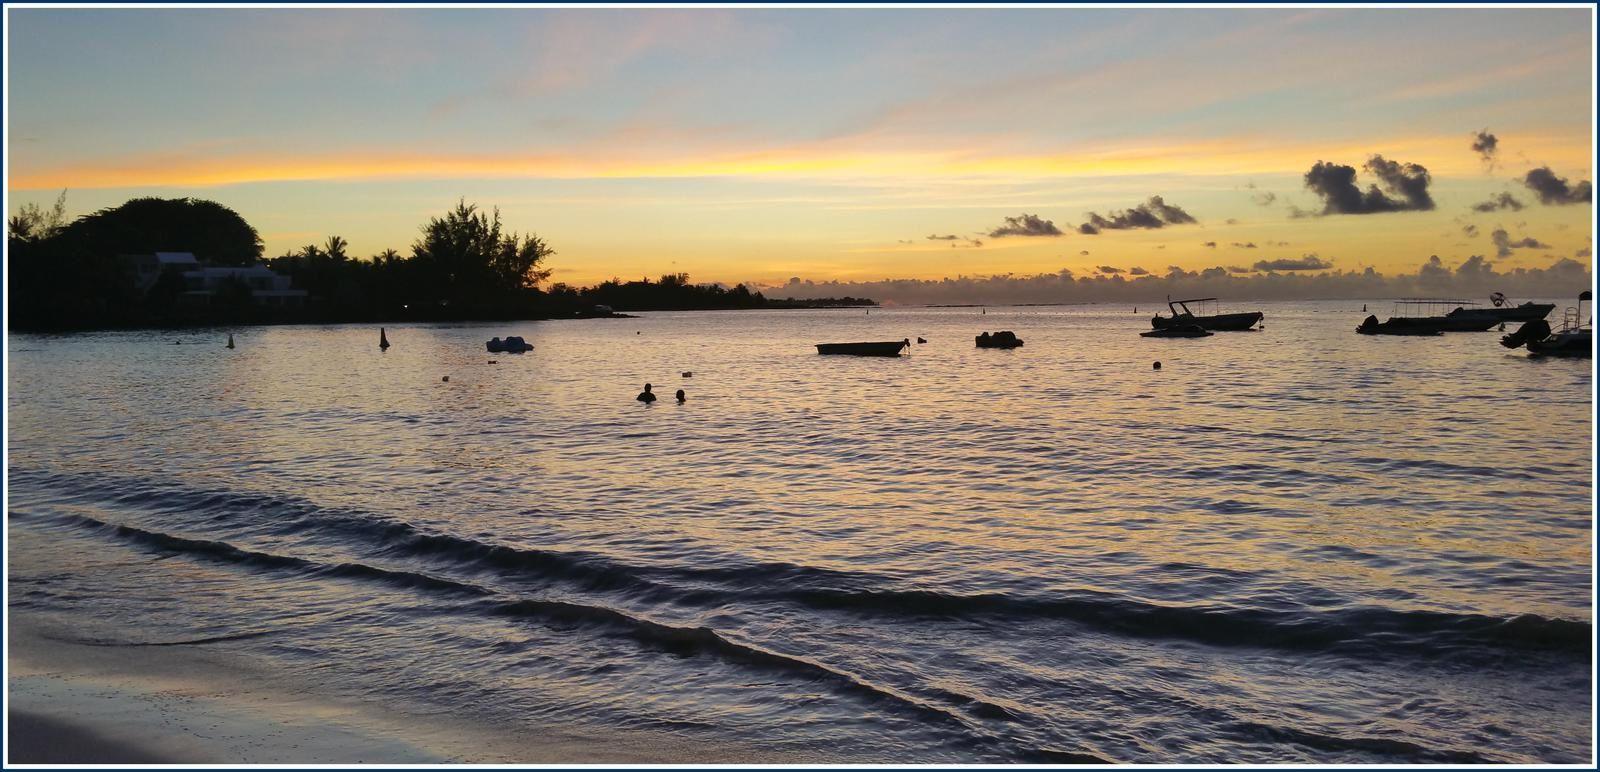 318 - Île Maurice février 2019 photos © GeoMar plages de Péreybère et nord de l'île, variations climatiques, couchers de soleil